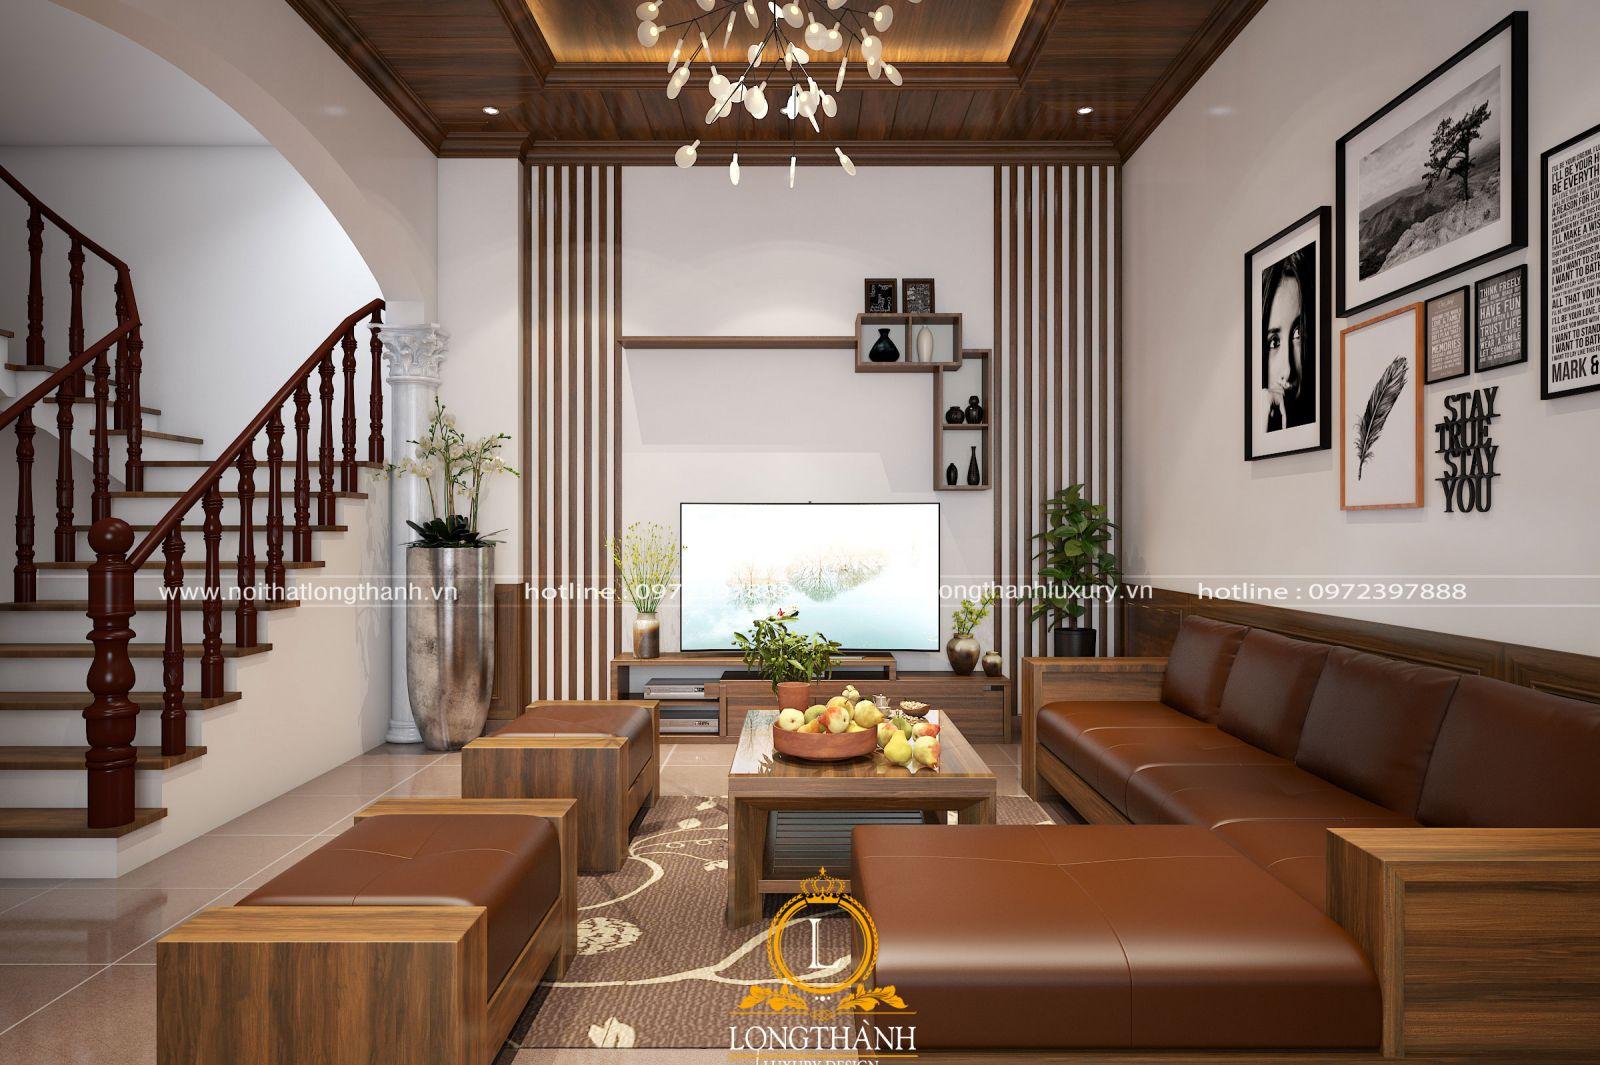 Thiết kế phòng khách biệt thự tân cổ điển sử dụng hoàn toàn là gỗ tự nhiên